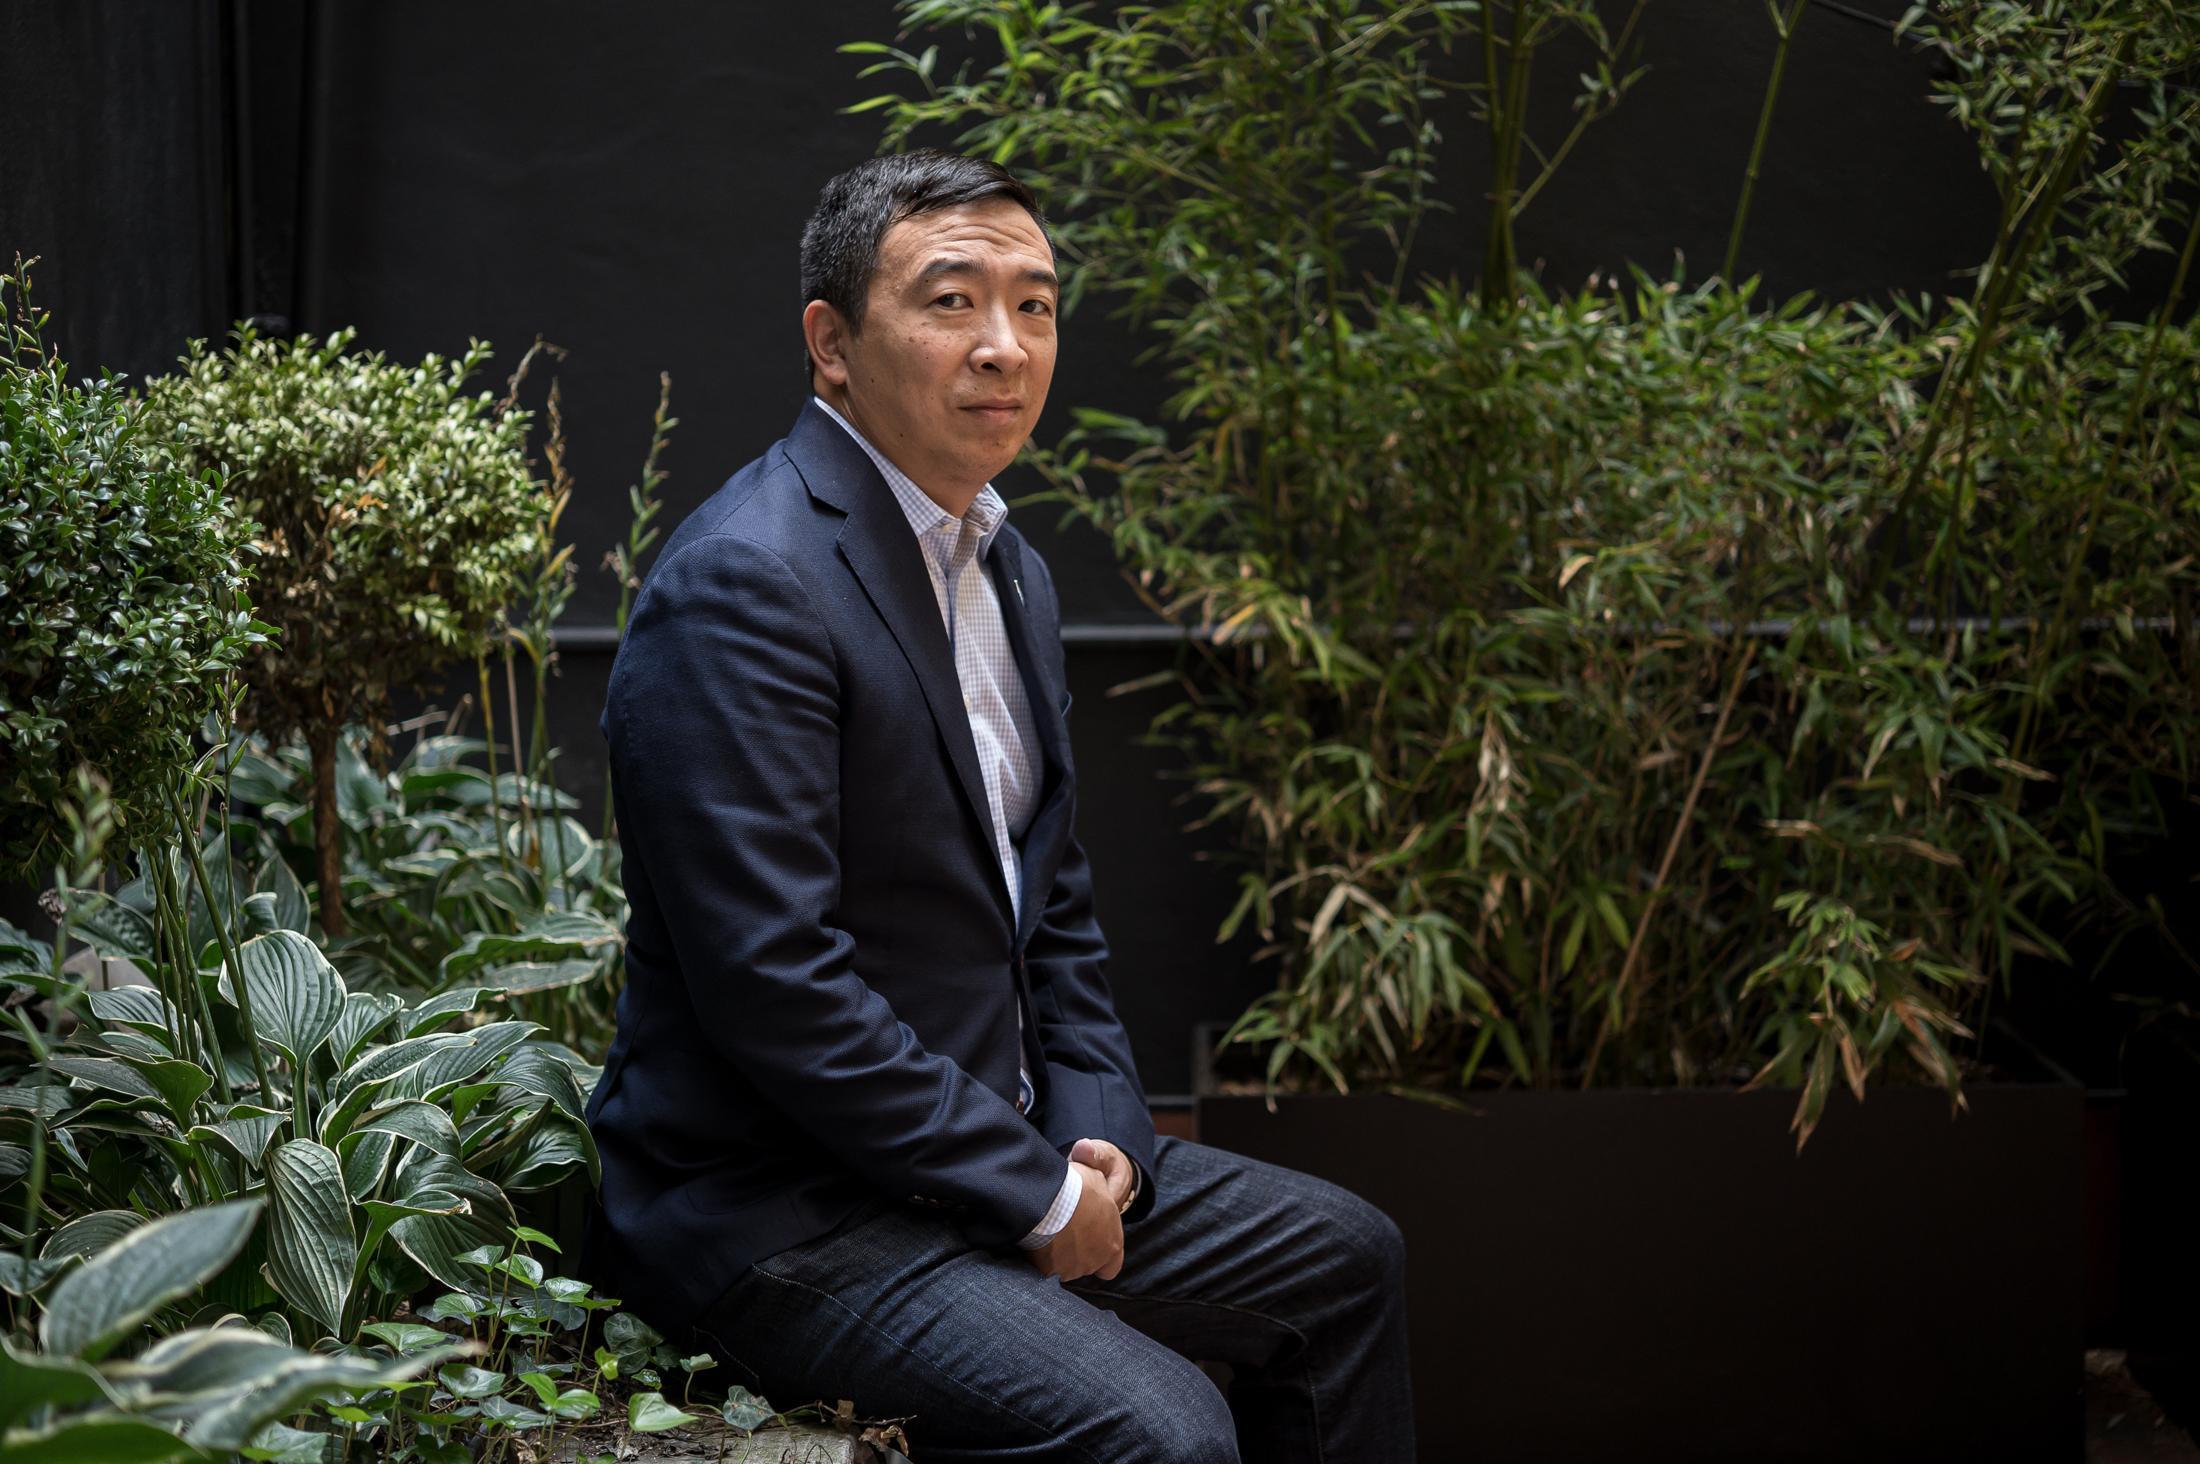 Andrew Yang for NPR